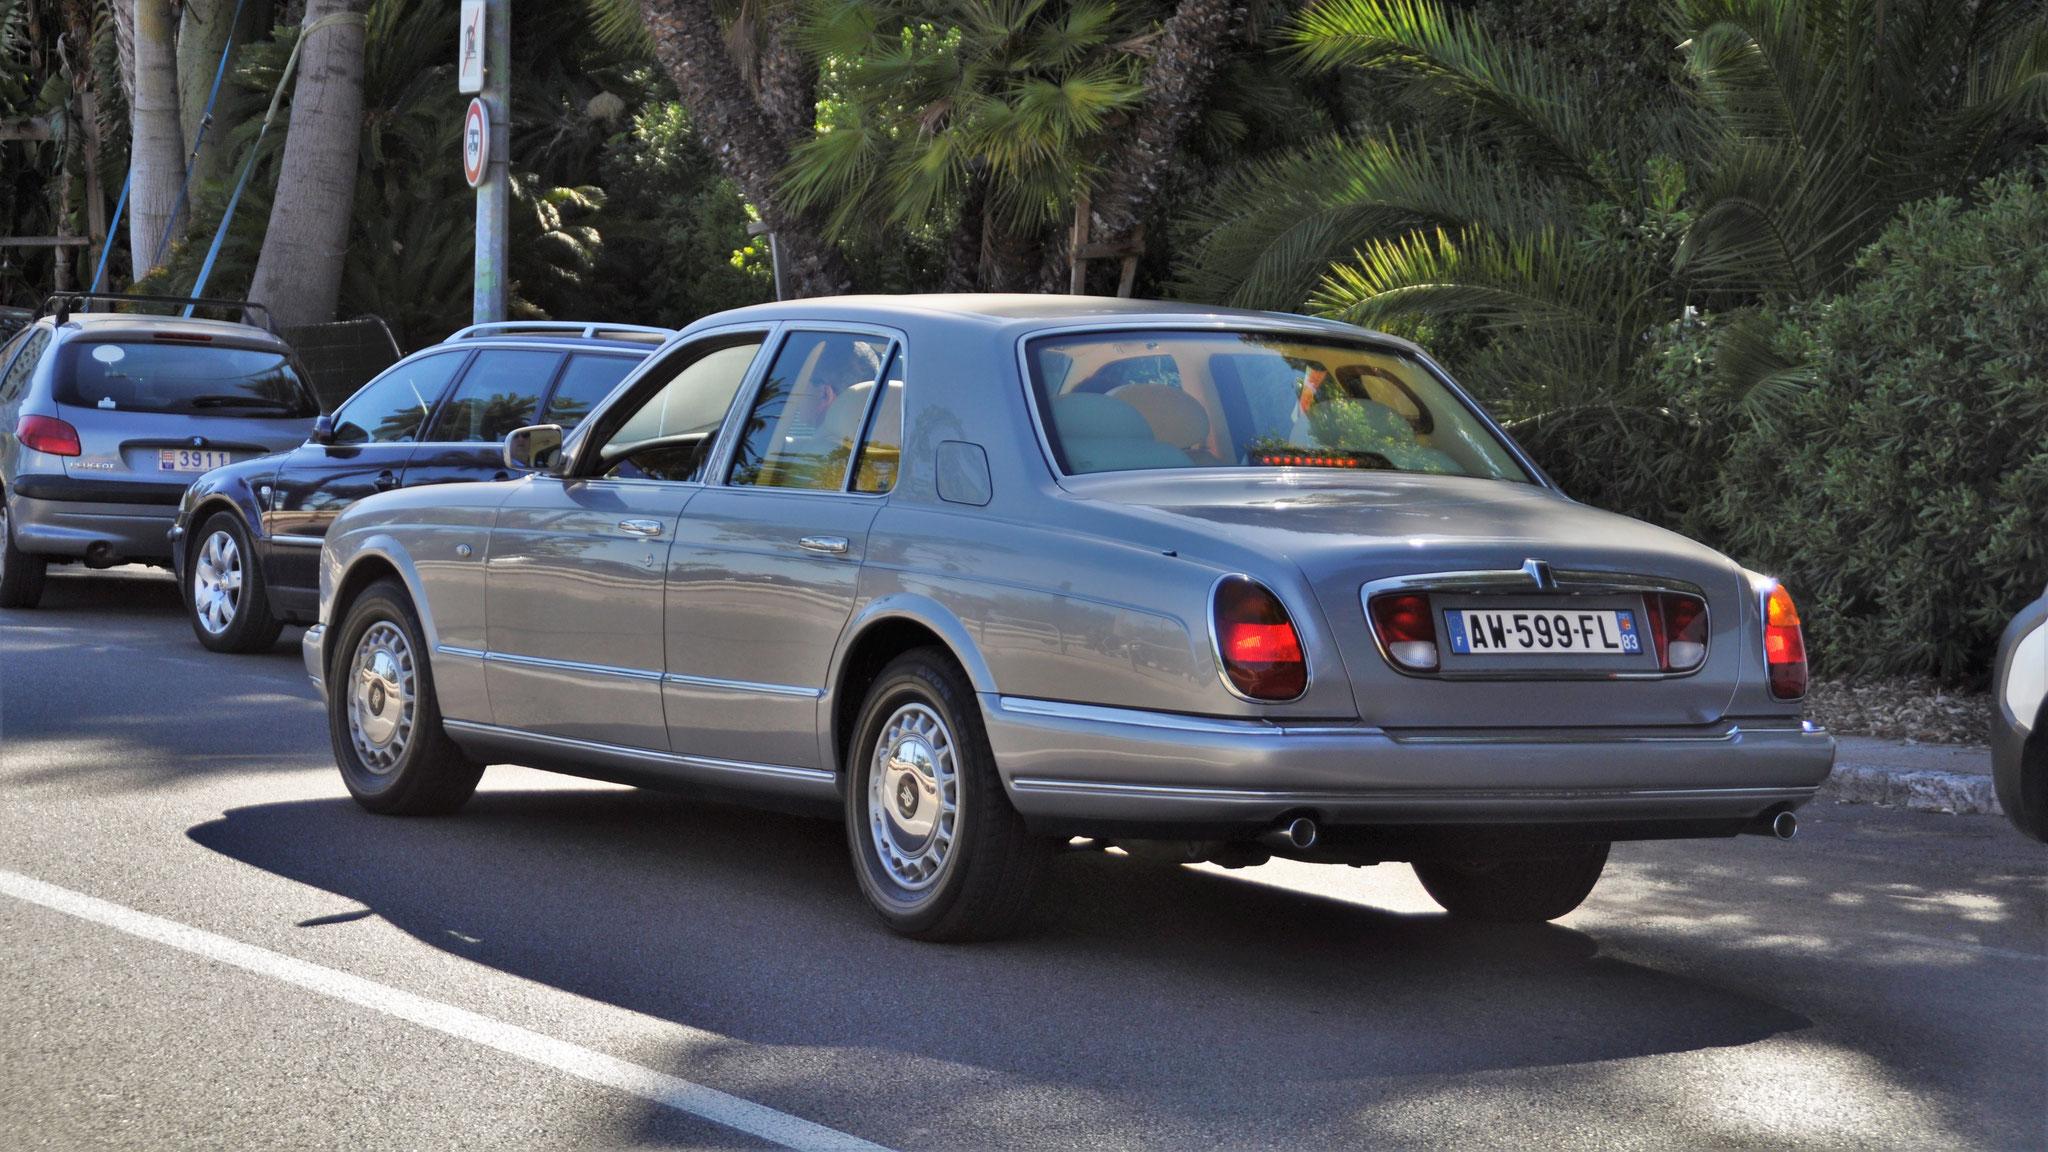 Rolls Royce Silver Seraph - AW-599-FL-83 (FRA)